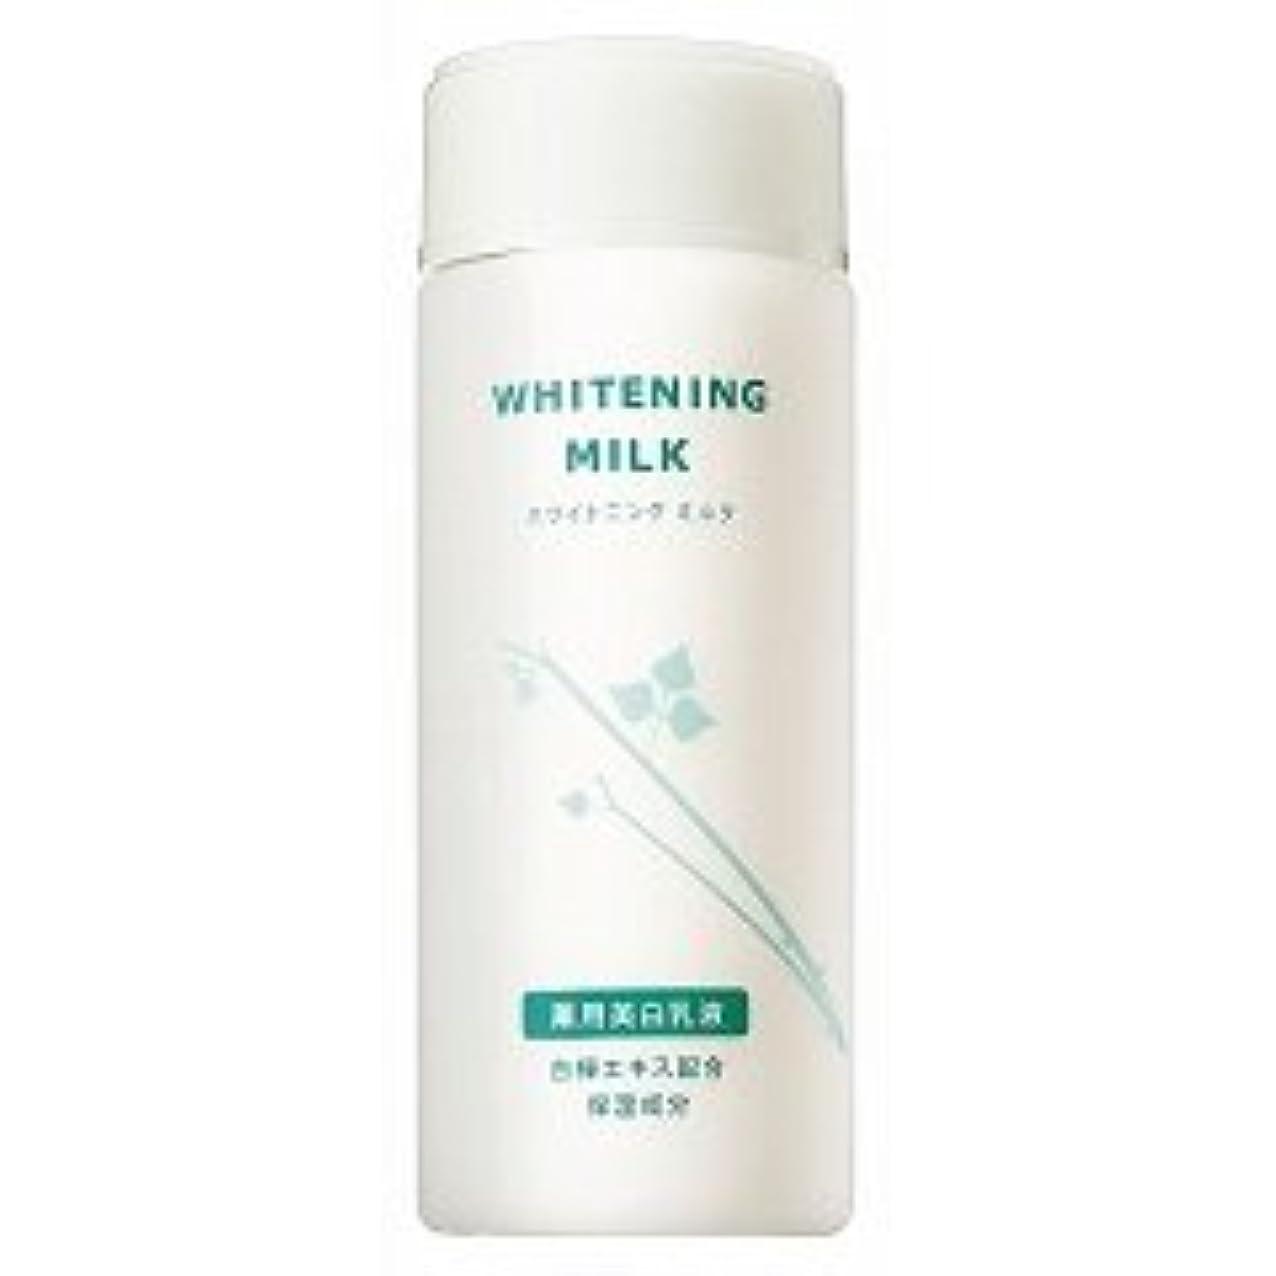 小さなハプニングネストエイボン(AVON) 美白乳液 ホワイトニング ミルク 150ml【医薬部外品】